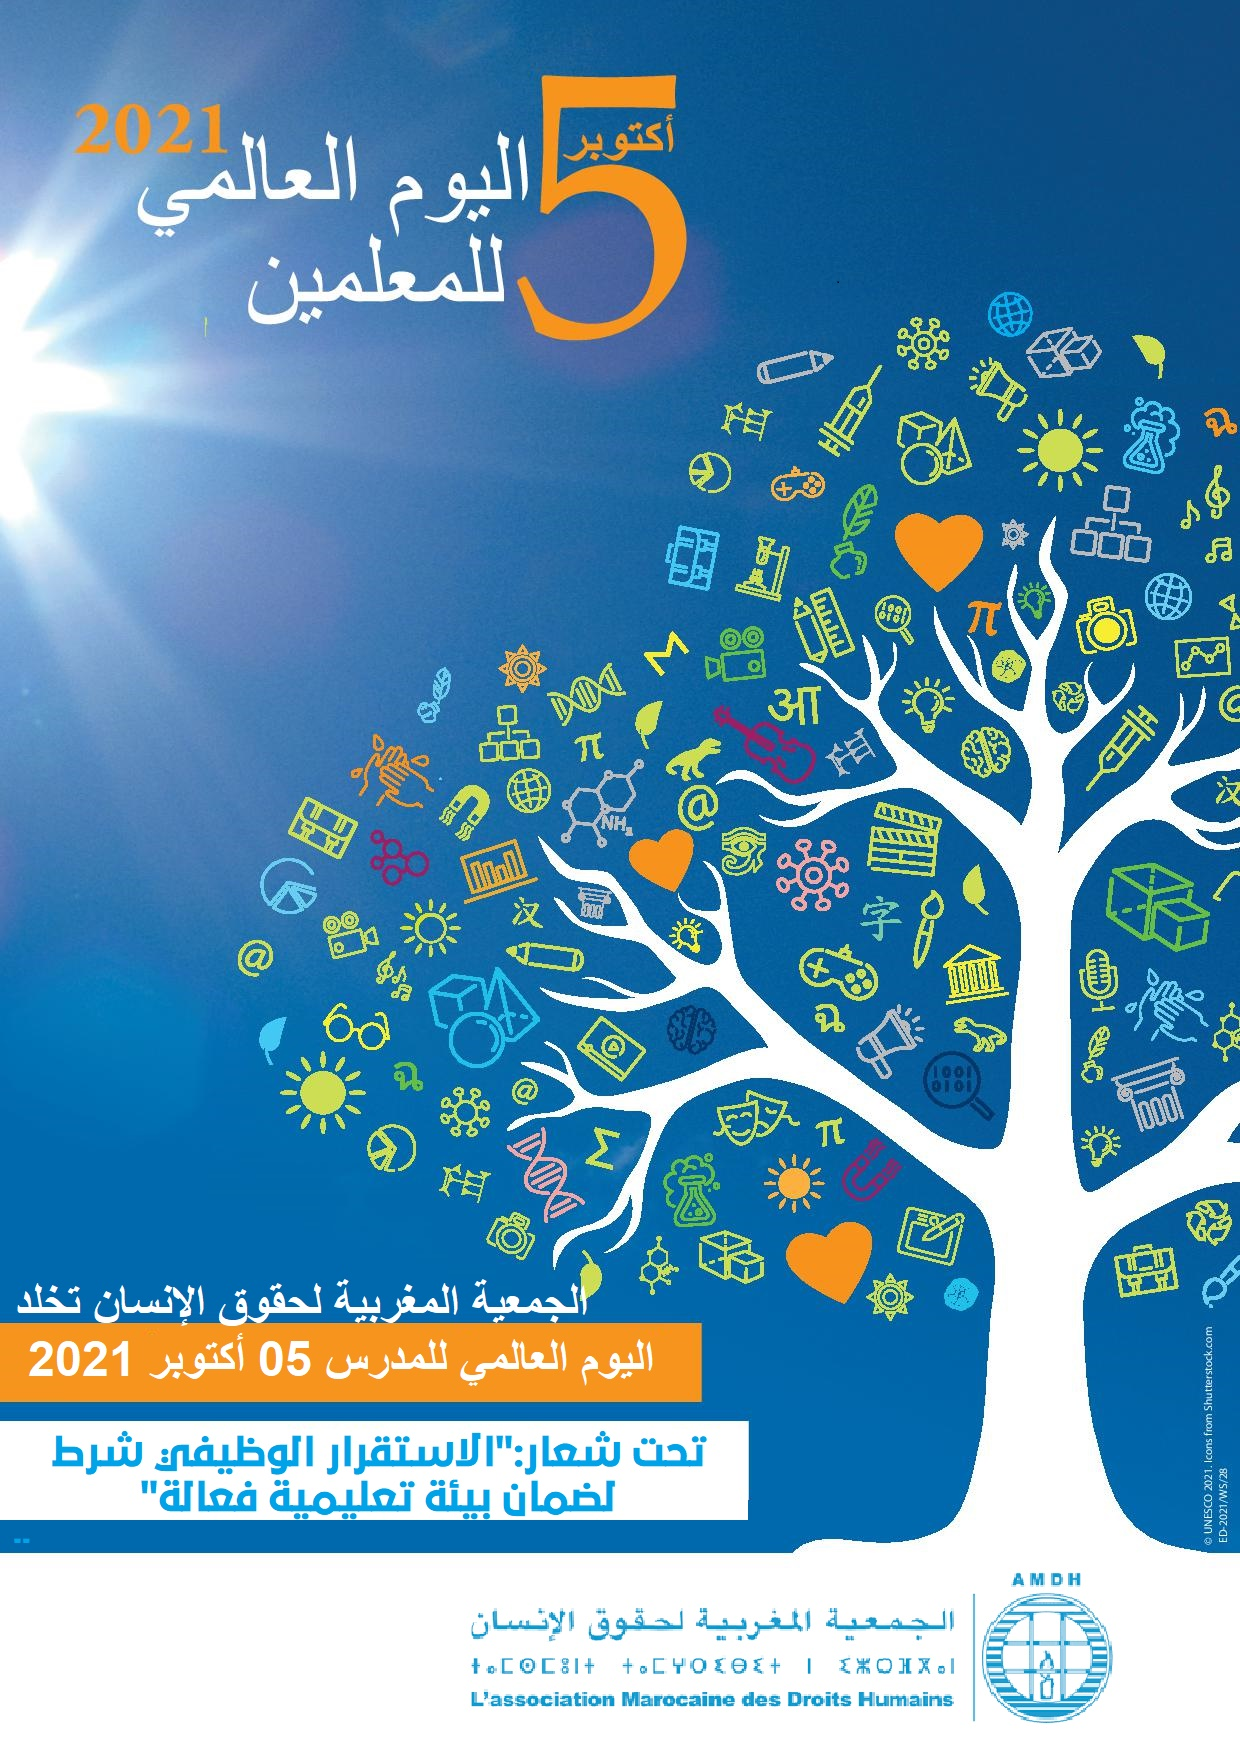 بيان الجمعية المغربية لحقوق الإنسان بمناسبة اليوم العالمي للمدرس 5 أكتوبر